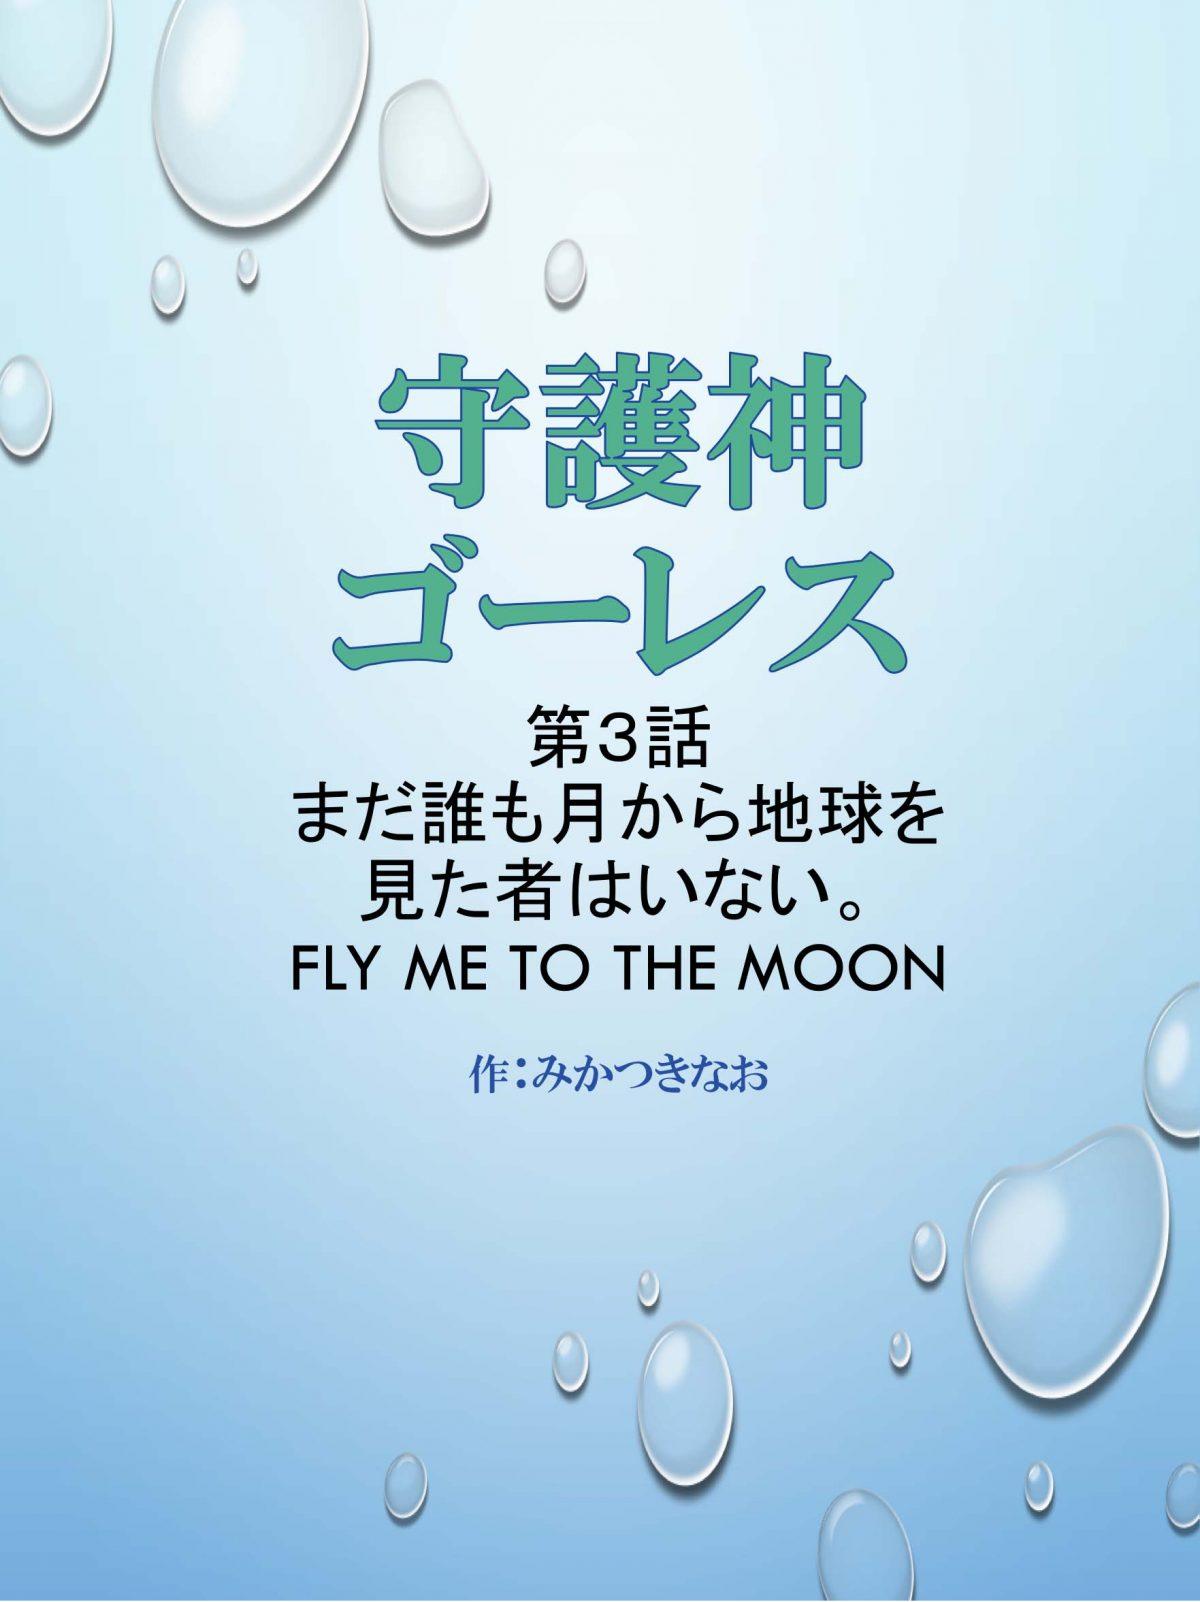 守護神ゴーレス  第3話 『まだ誰も月から地球を見た者はいない。』 Fly me to the moon